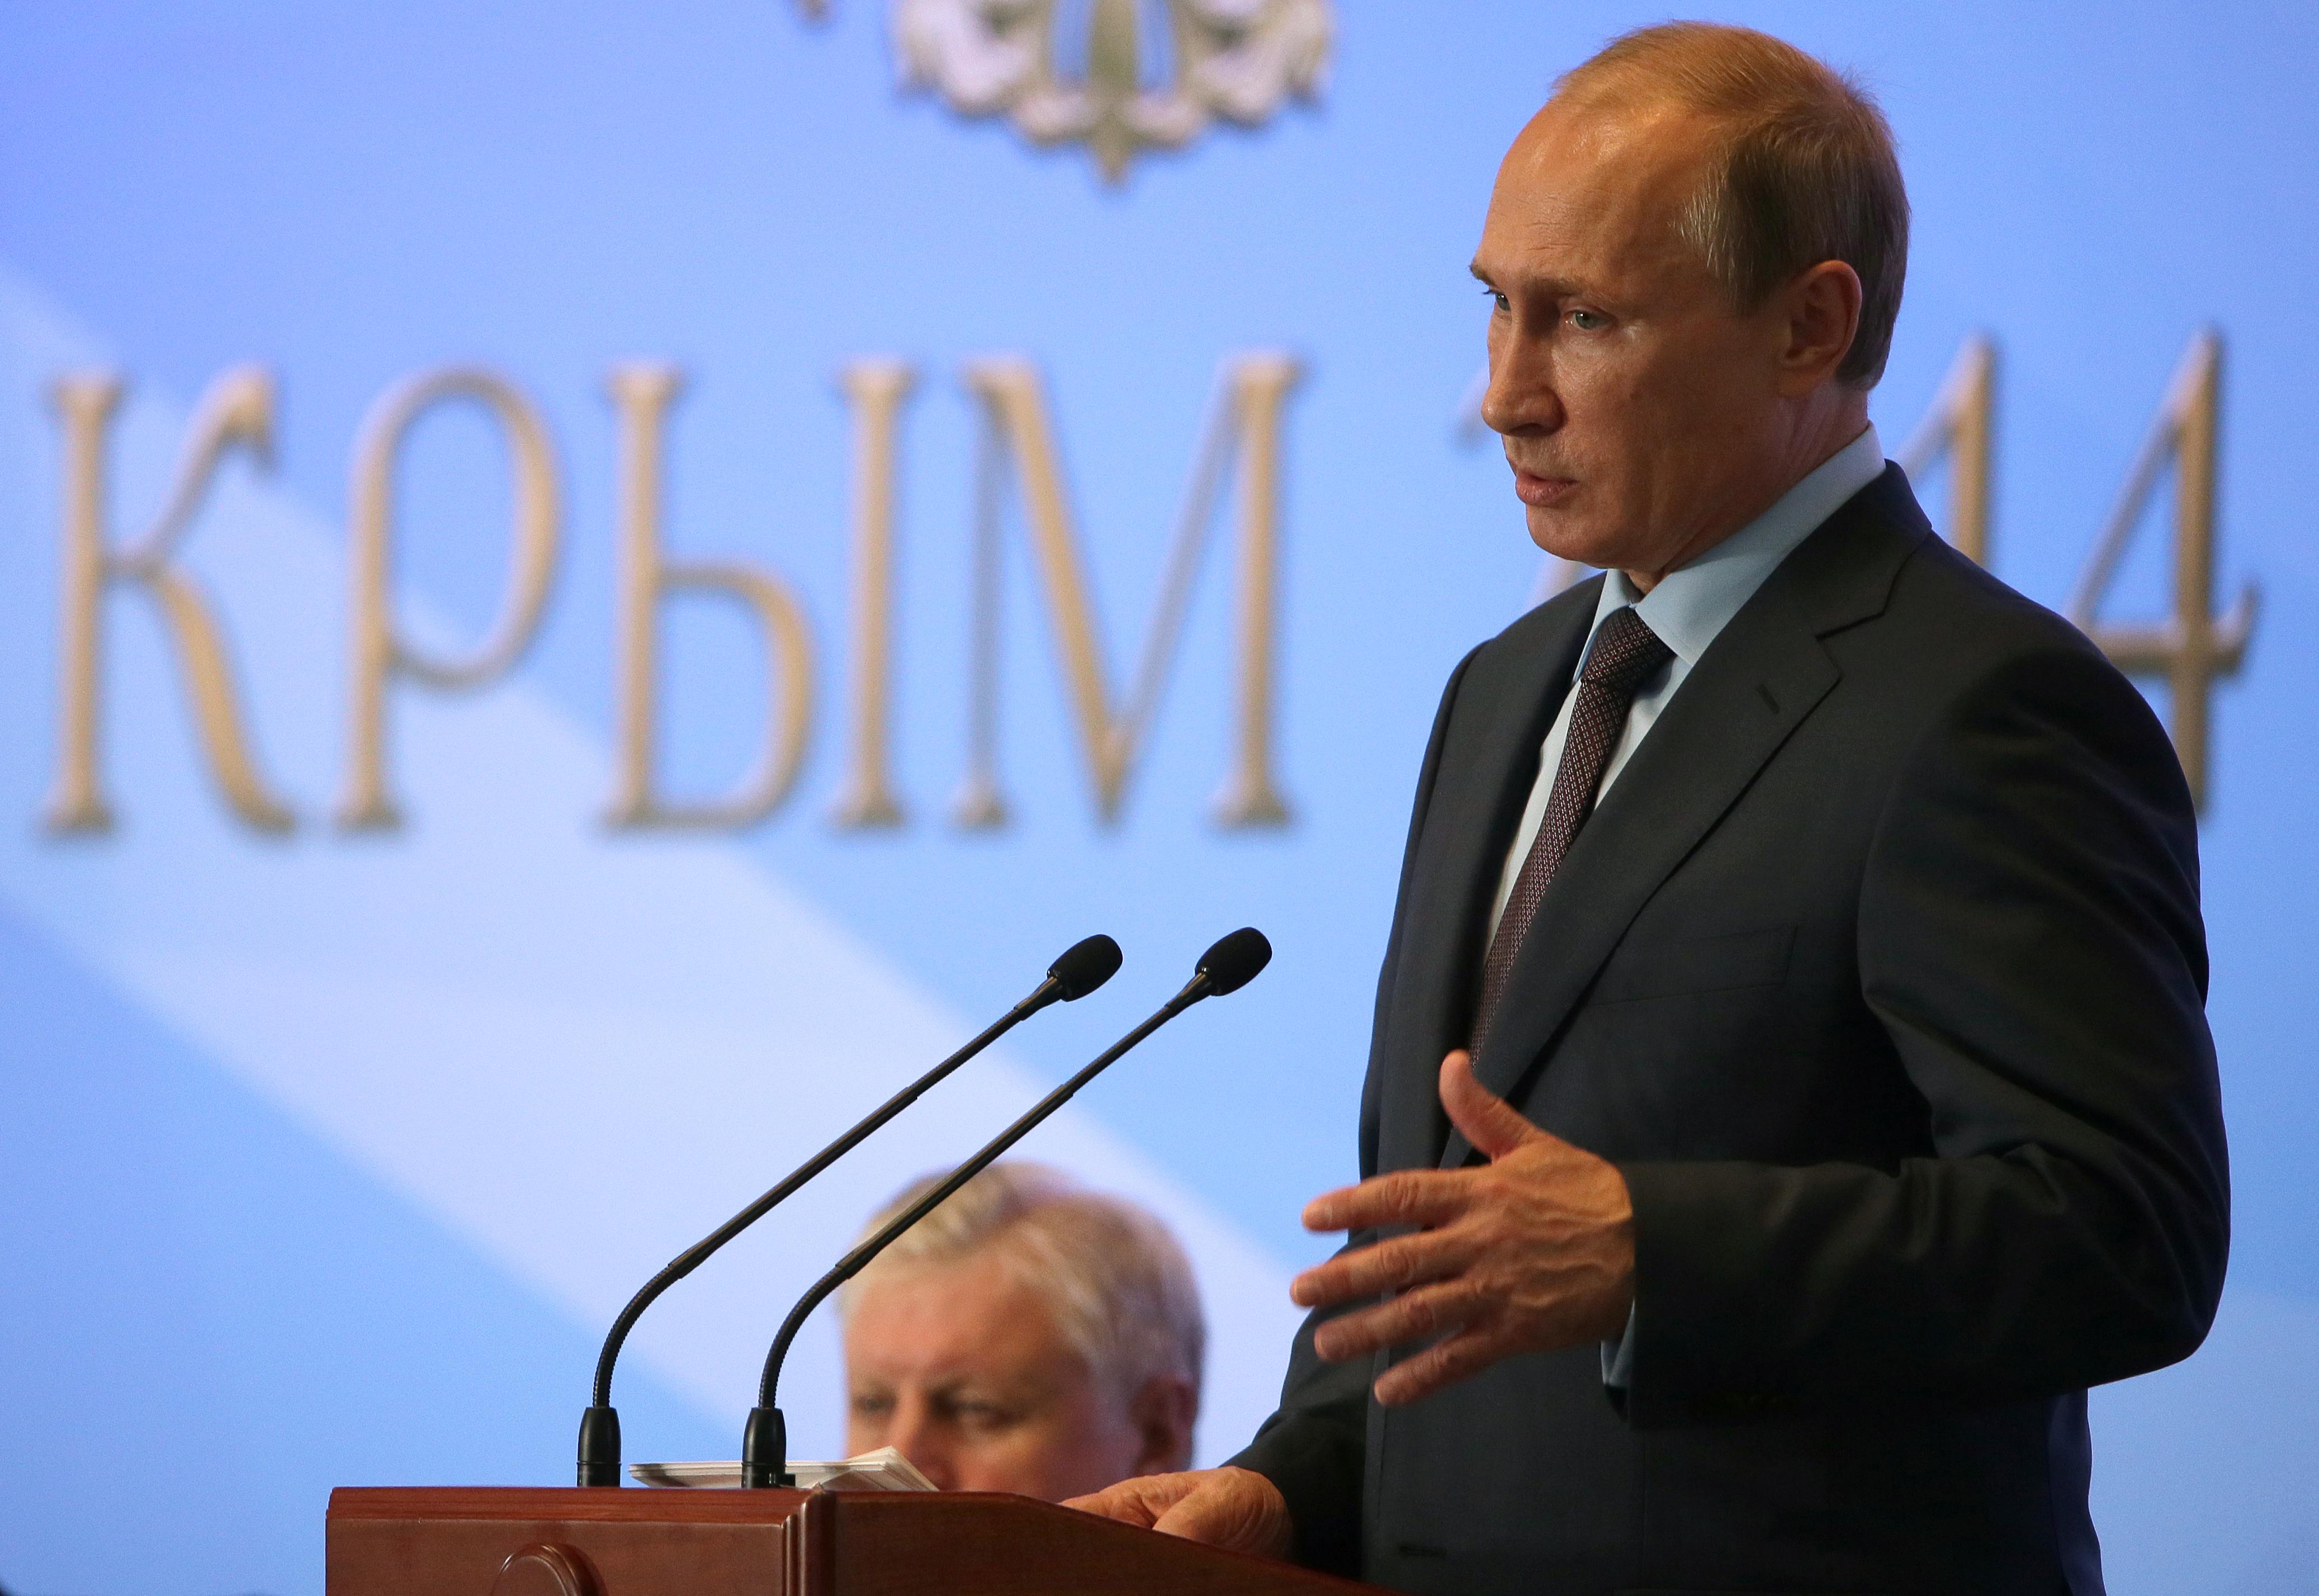 ВАЖНО! Путин превращает Крым в крепость с гарнизонами. Начинается стройка